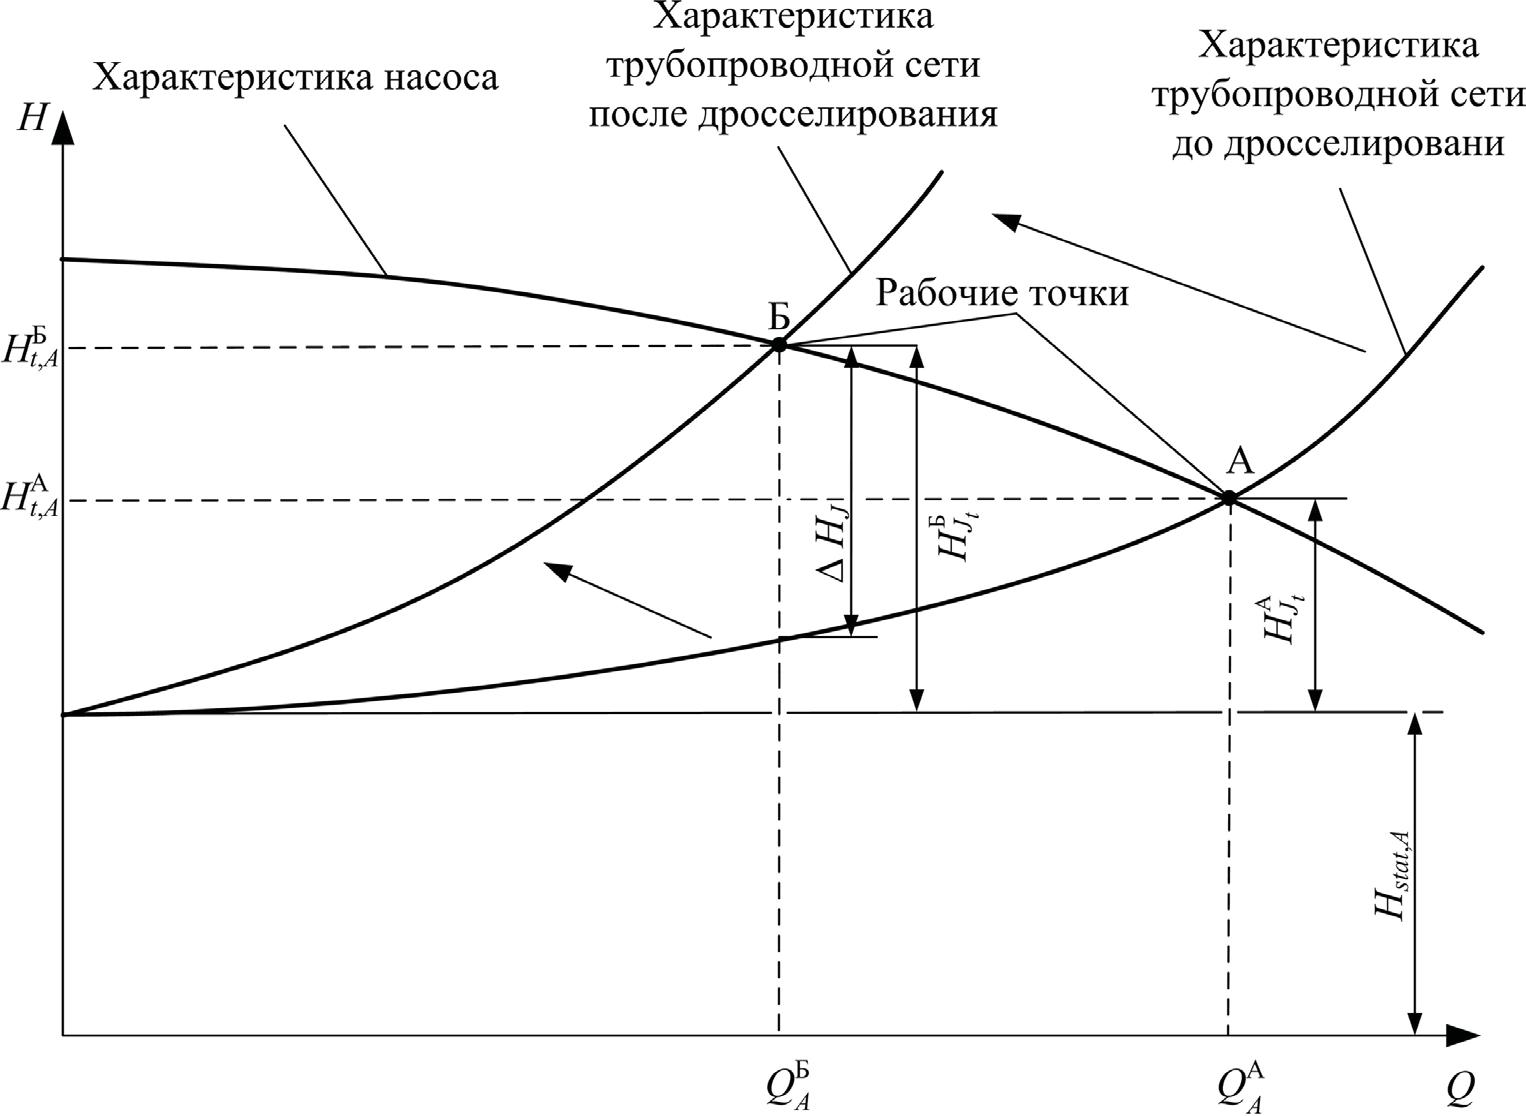 Регулирование параметров работы насосной установки